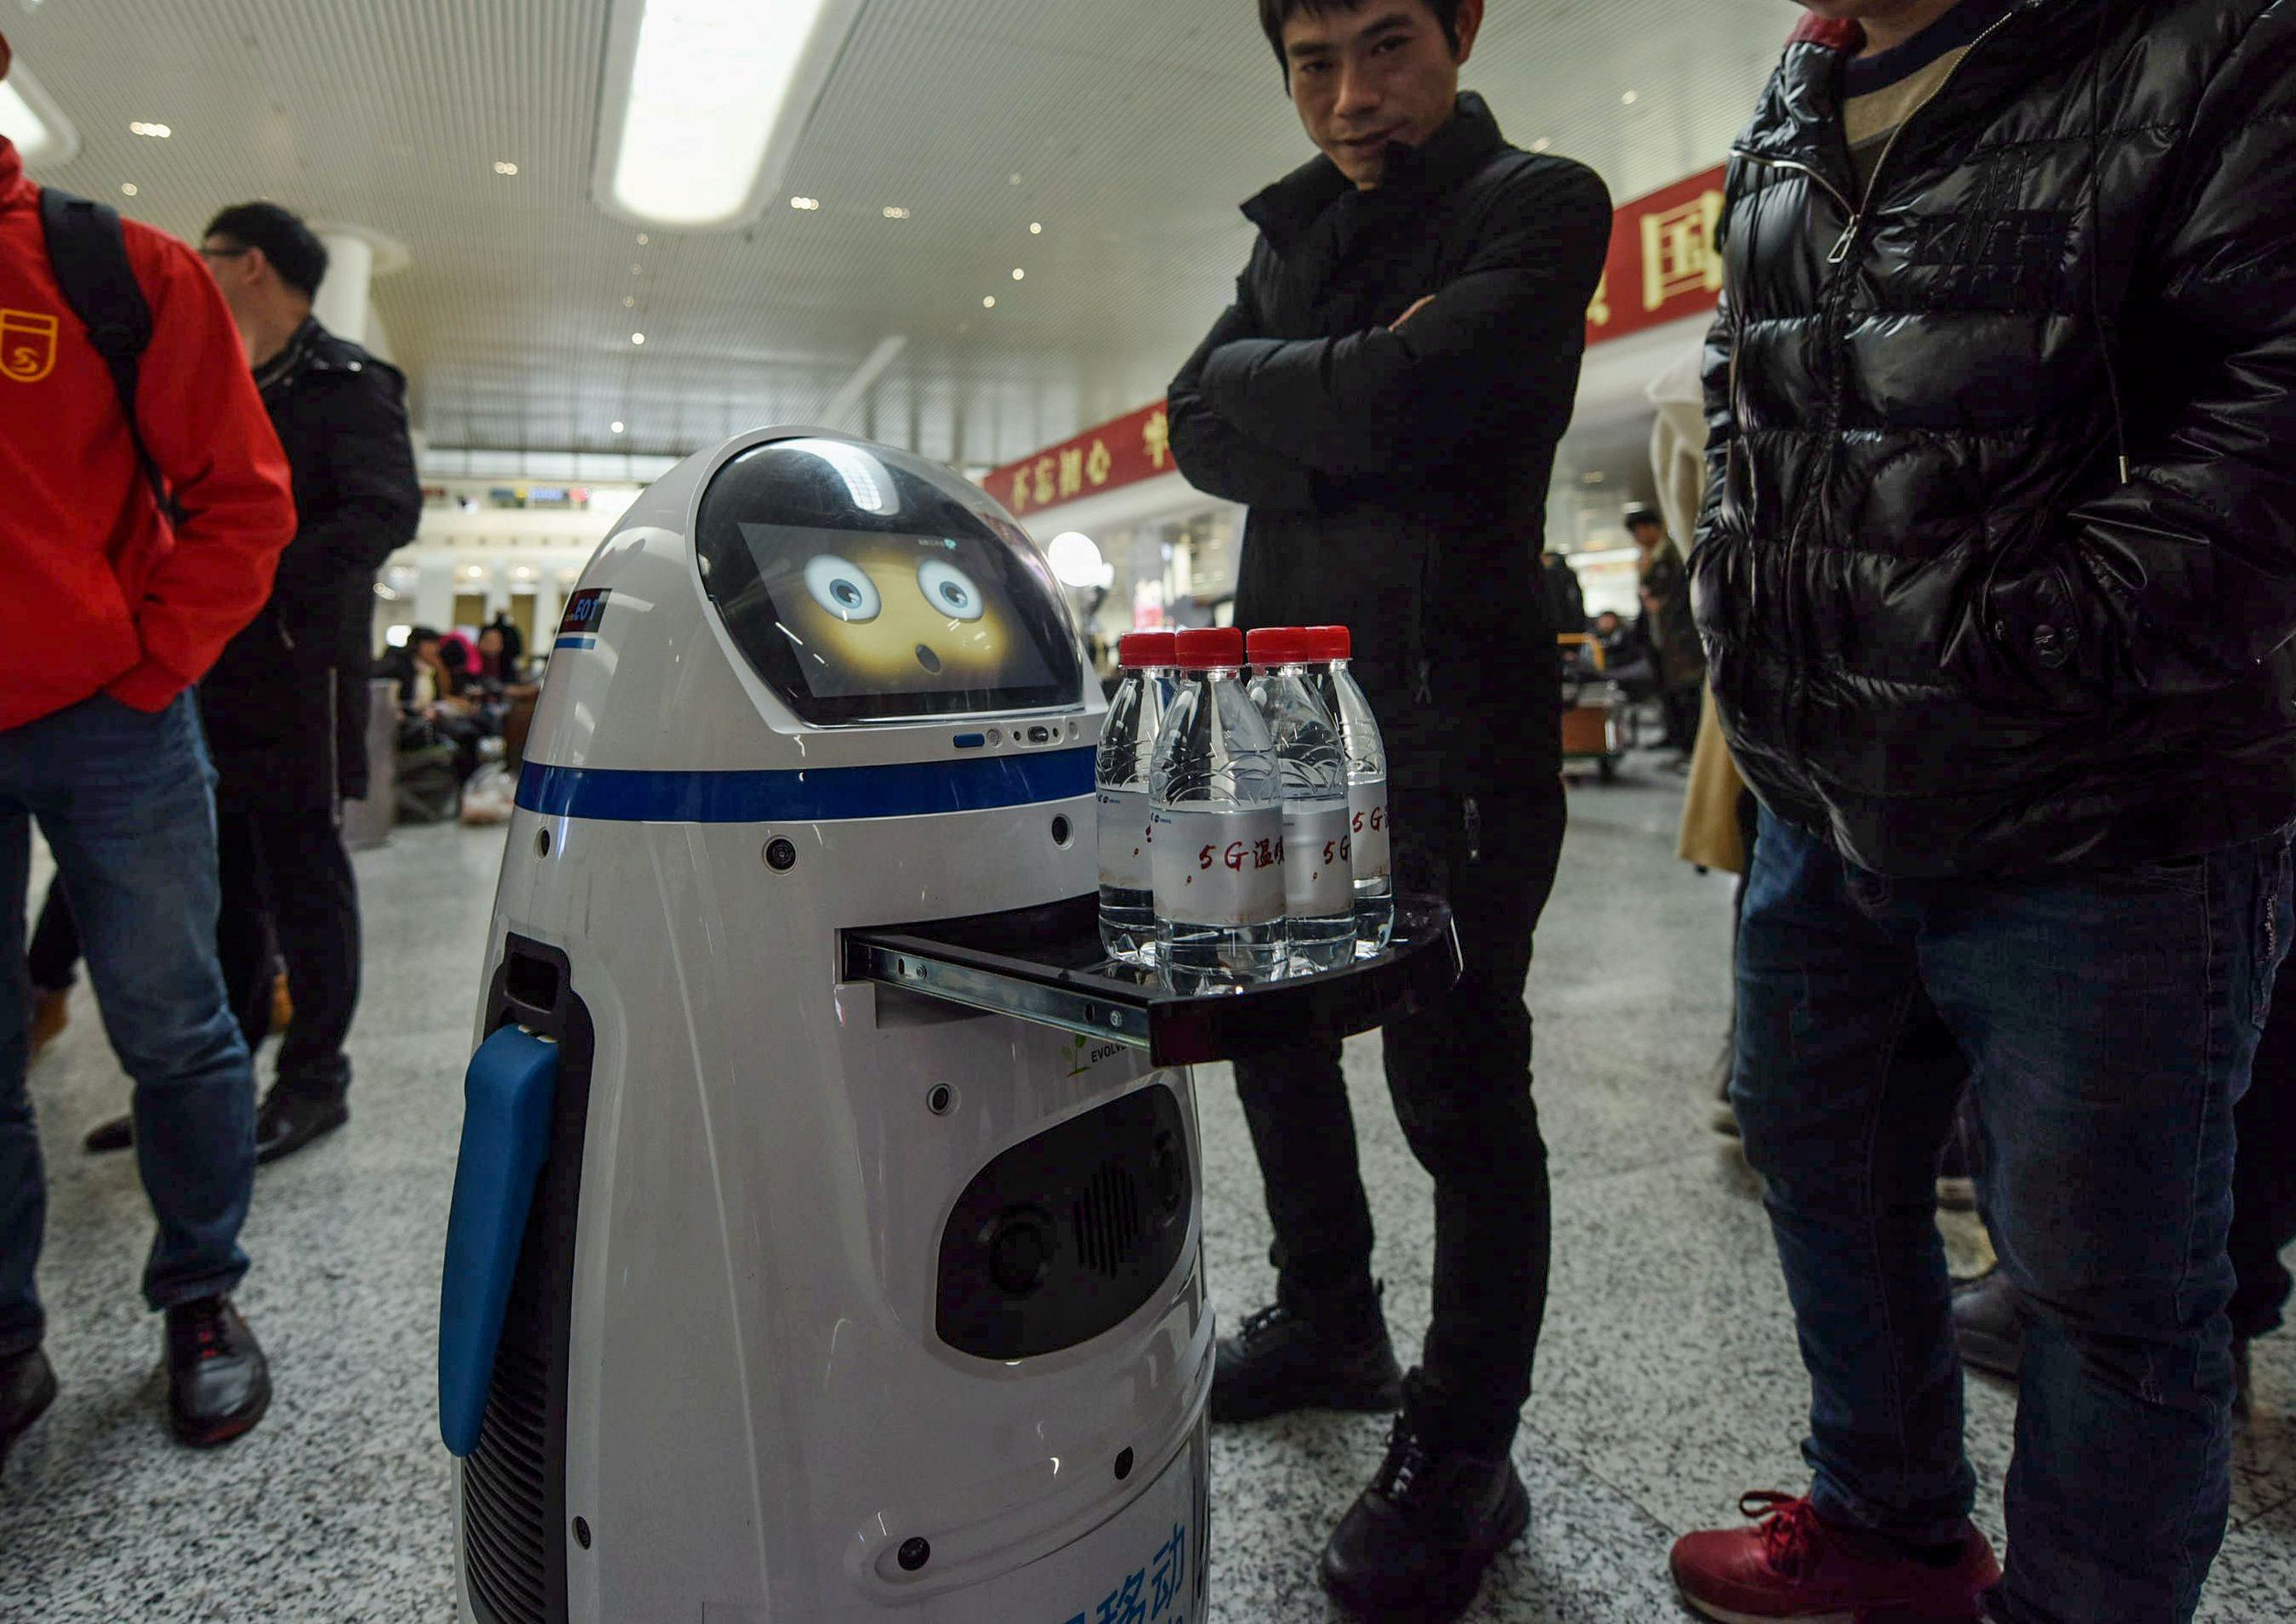 La llegada de la inteligencia artificial al mundo productivo puede suponer amenazas laborales para los trabajadores. (Foto Prensa Libre: AFP)